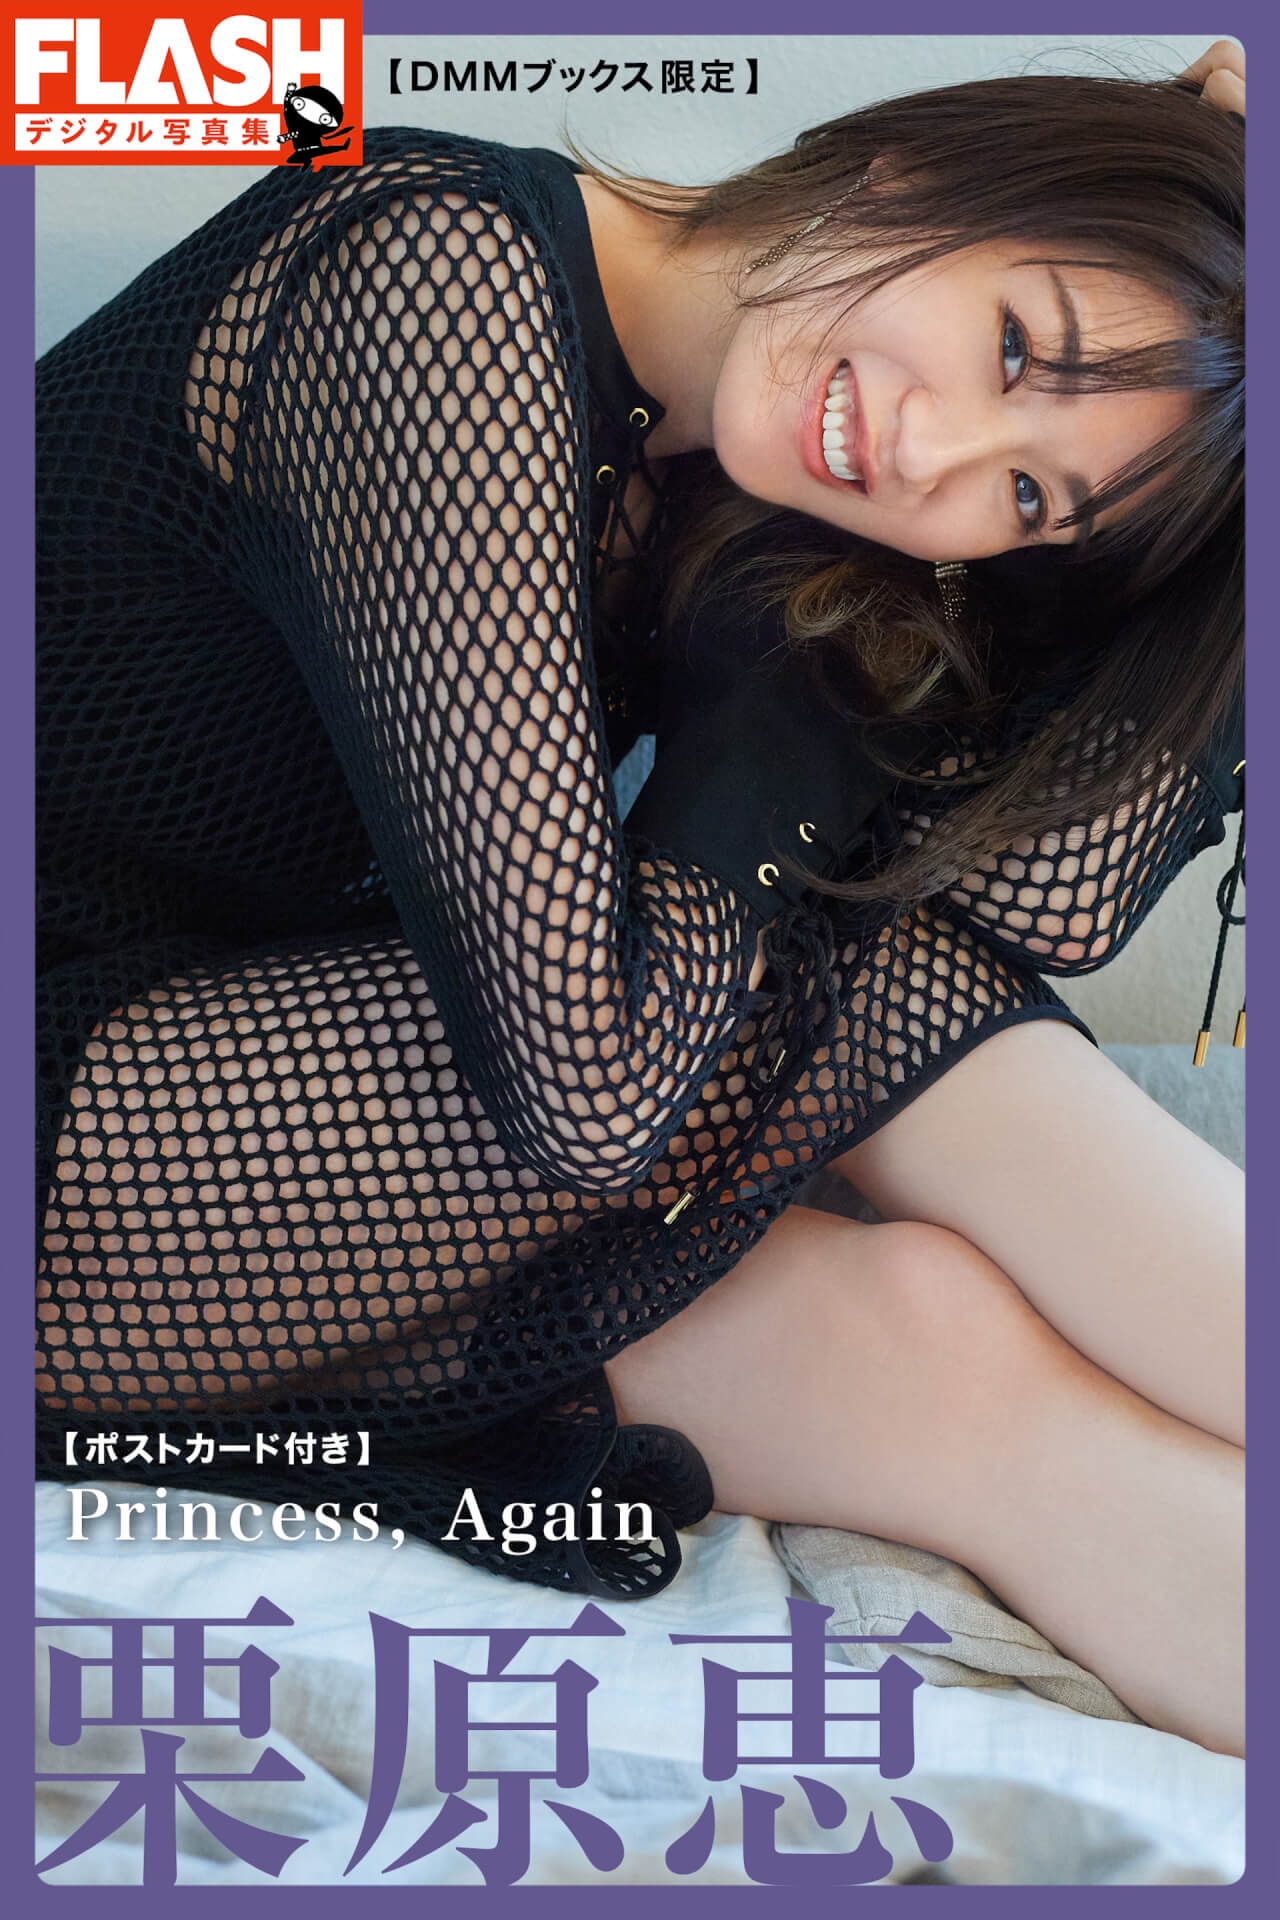 バレー界のプリンセス栗原恵がセクシーに魅せる!初の本格グラビアに挑戦したデジタル写真集『Princess, Again』が発売 art210524_kuriharamegumi_4